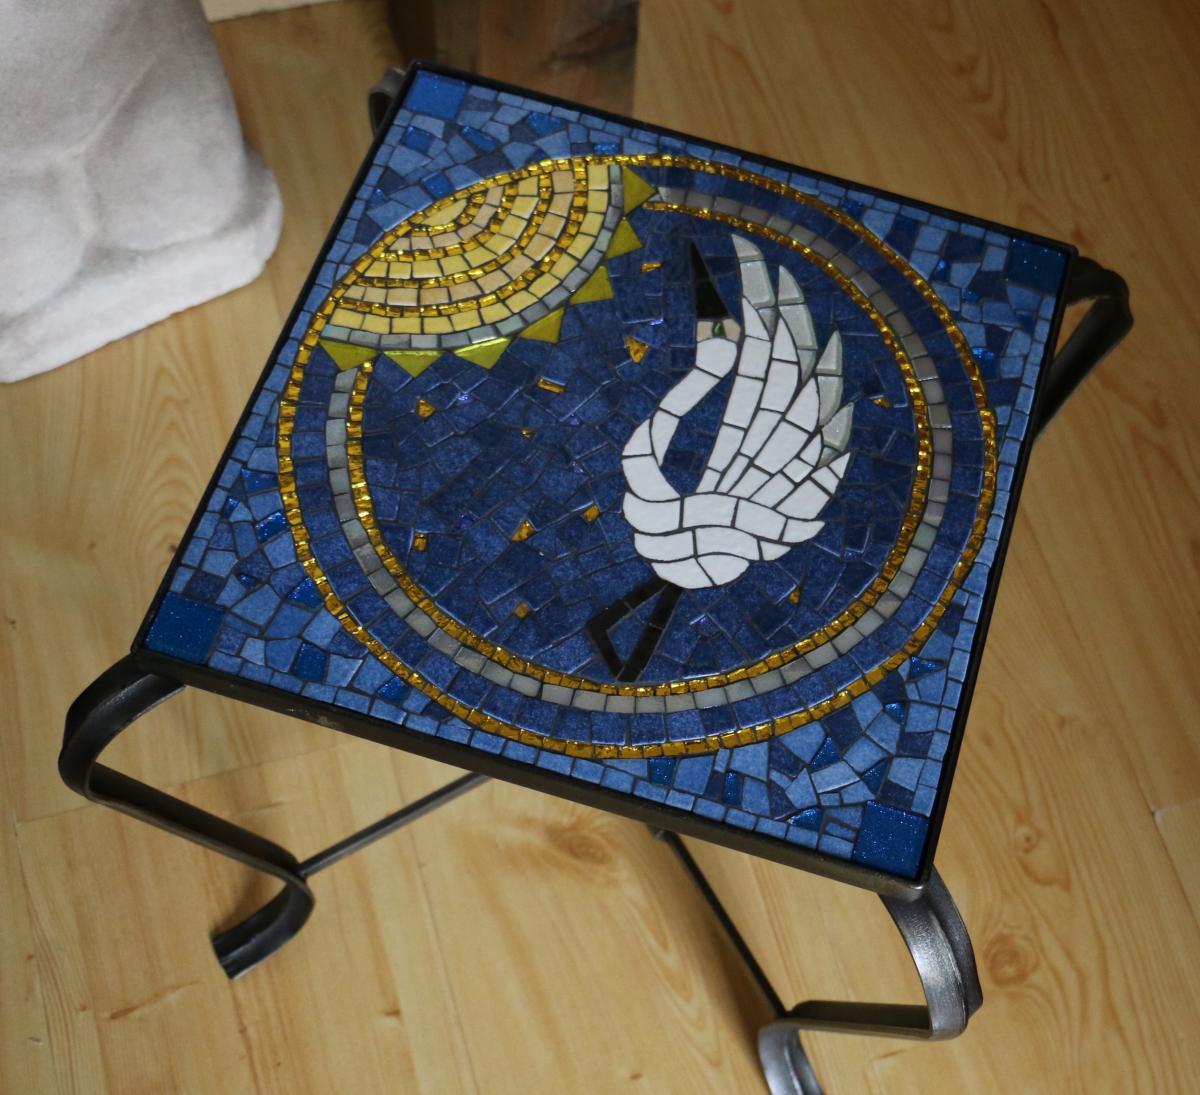 mosaaique bleu talbe mme lorette modele image en mosaiques g om trique de chez made in mosaic. Black Bedroom Furniture Sets. Home Design Ideas